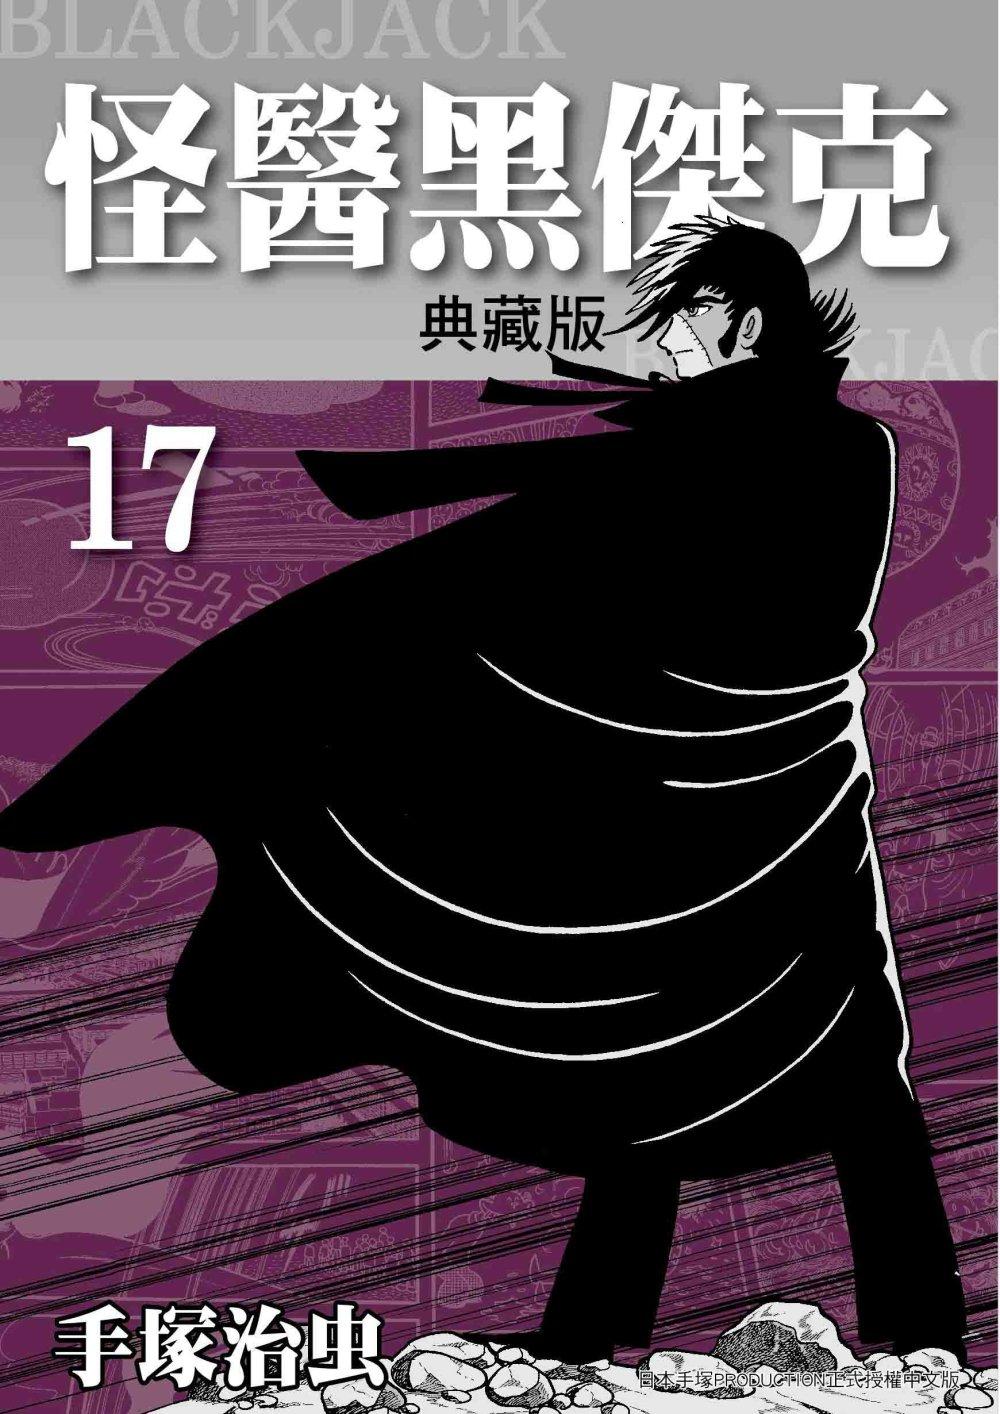 怪醫黑傑克 典藏版 17 完